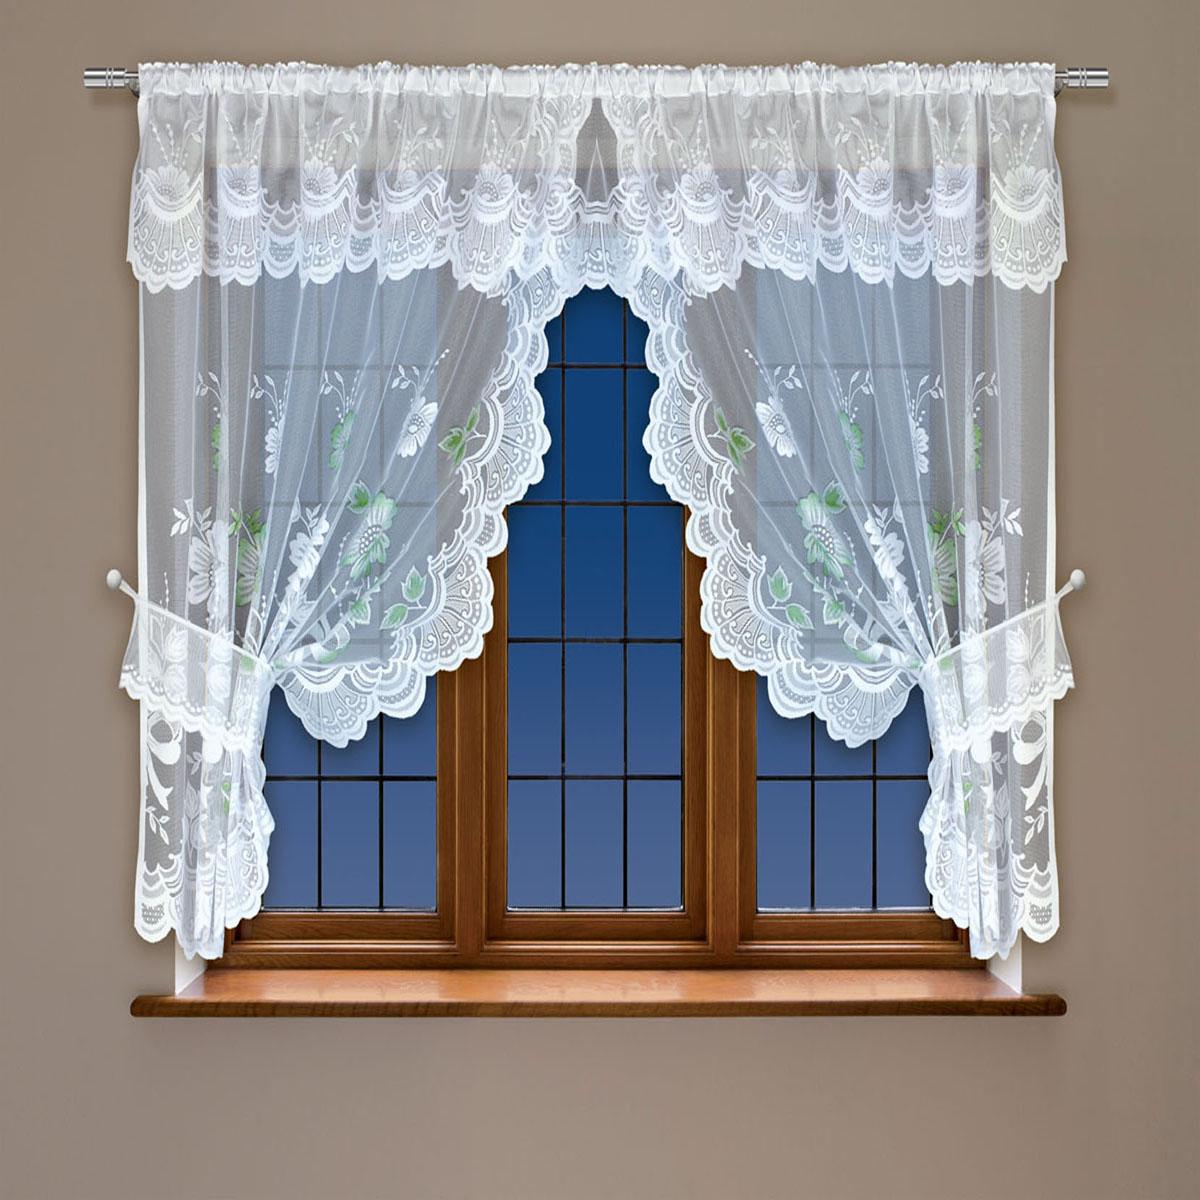 Гардина Haft, на кулиске, цвет: белый, высота 137 см. 202561956251325Воздушная гардина Haft, выполненная из полиэстера, великолепно украсит любое окно.Изделие имеет оригинальный дизайн и органично впишется в интерьер помещения.Гардина крепится на карниз при помощи кулиски.